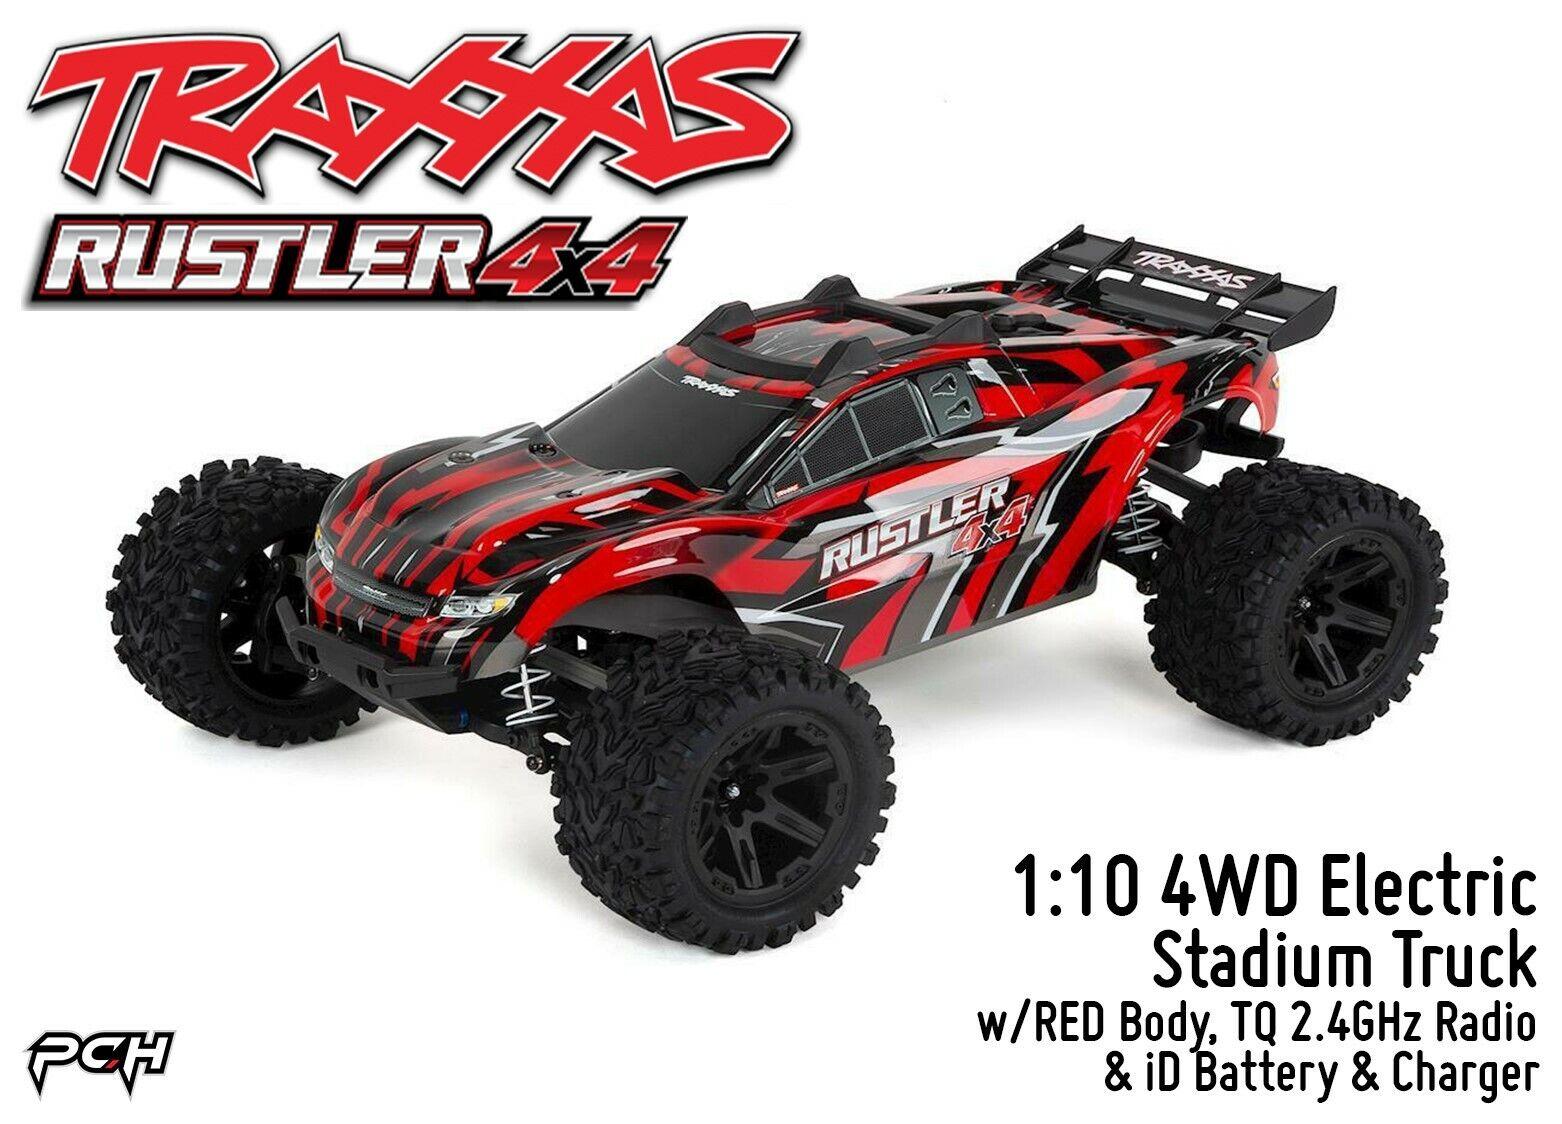 TRAXXAS 1 10 RUSTLER 4X4 4WD Estadio Camión con 2.4GHz Radio Listo Para Correr (Rojo) TRA670641